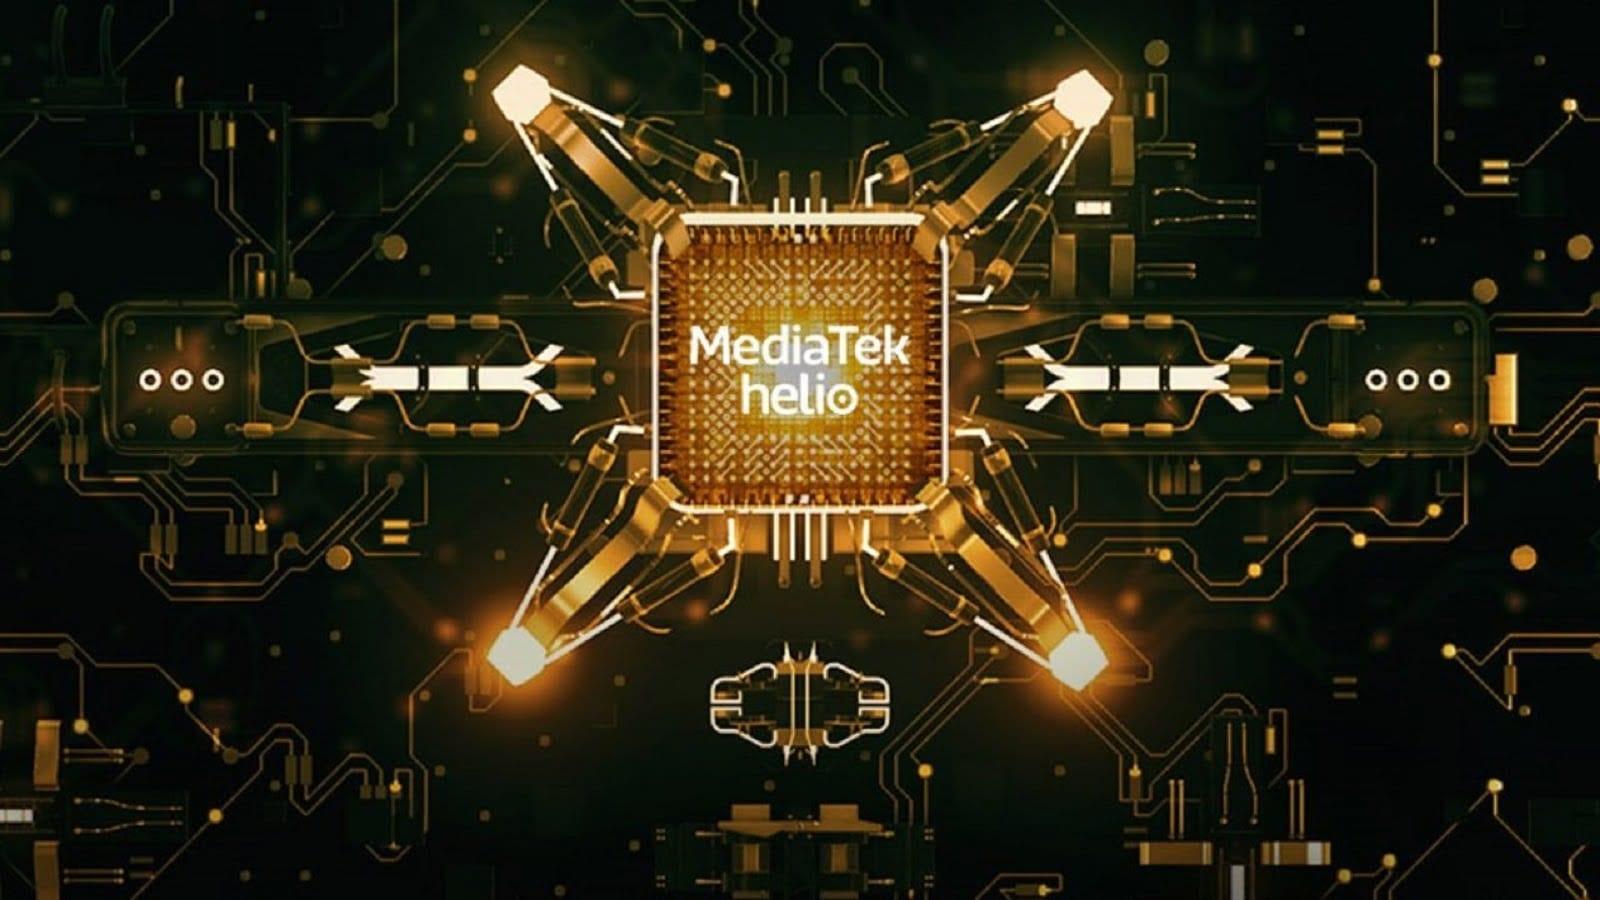 MediaTek анонсировала новые бюджетные SOC Helio G70 и Helio G70T для недорогих игровых смартфонов